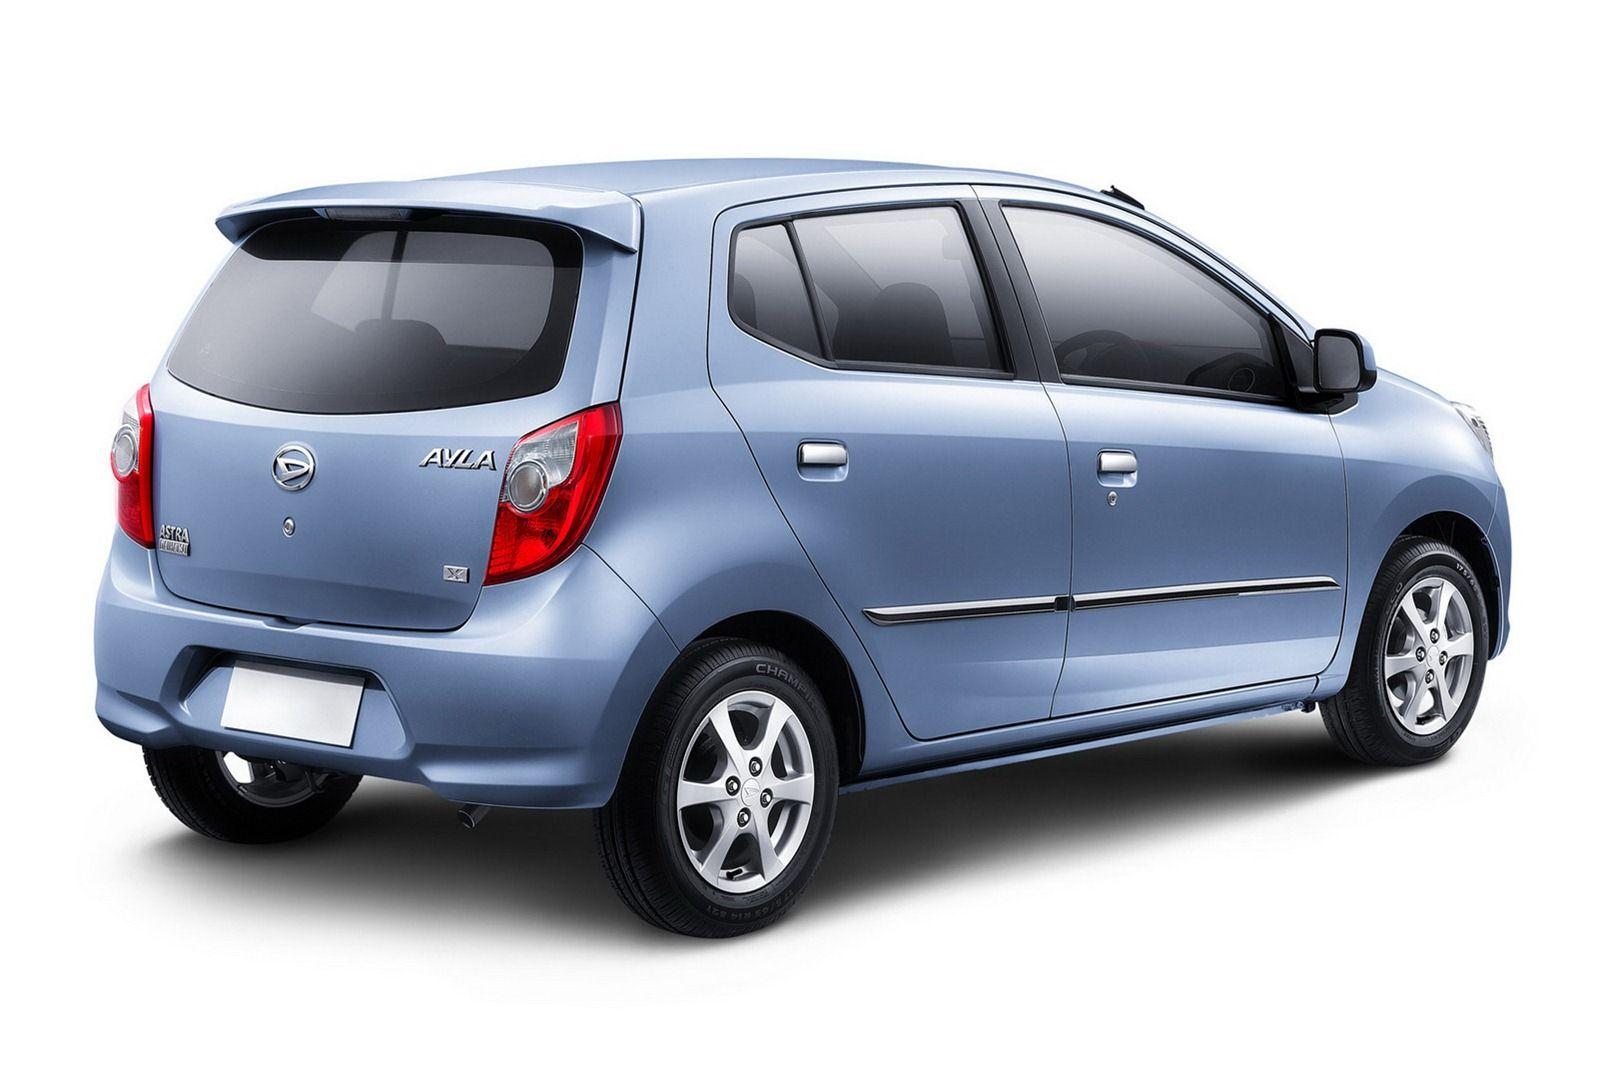 Daihatsu Bekasi Car